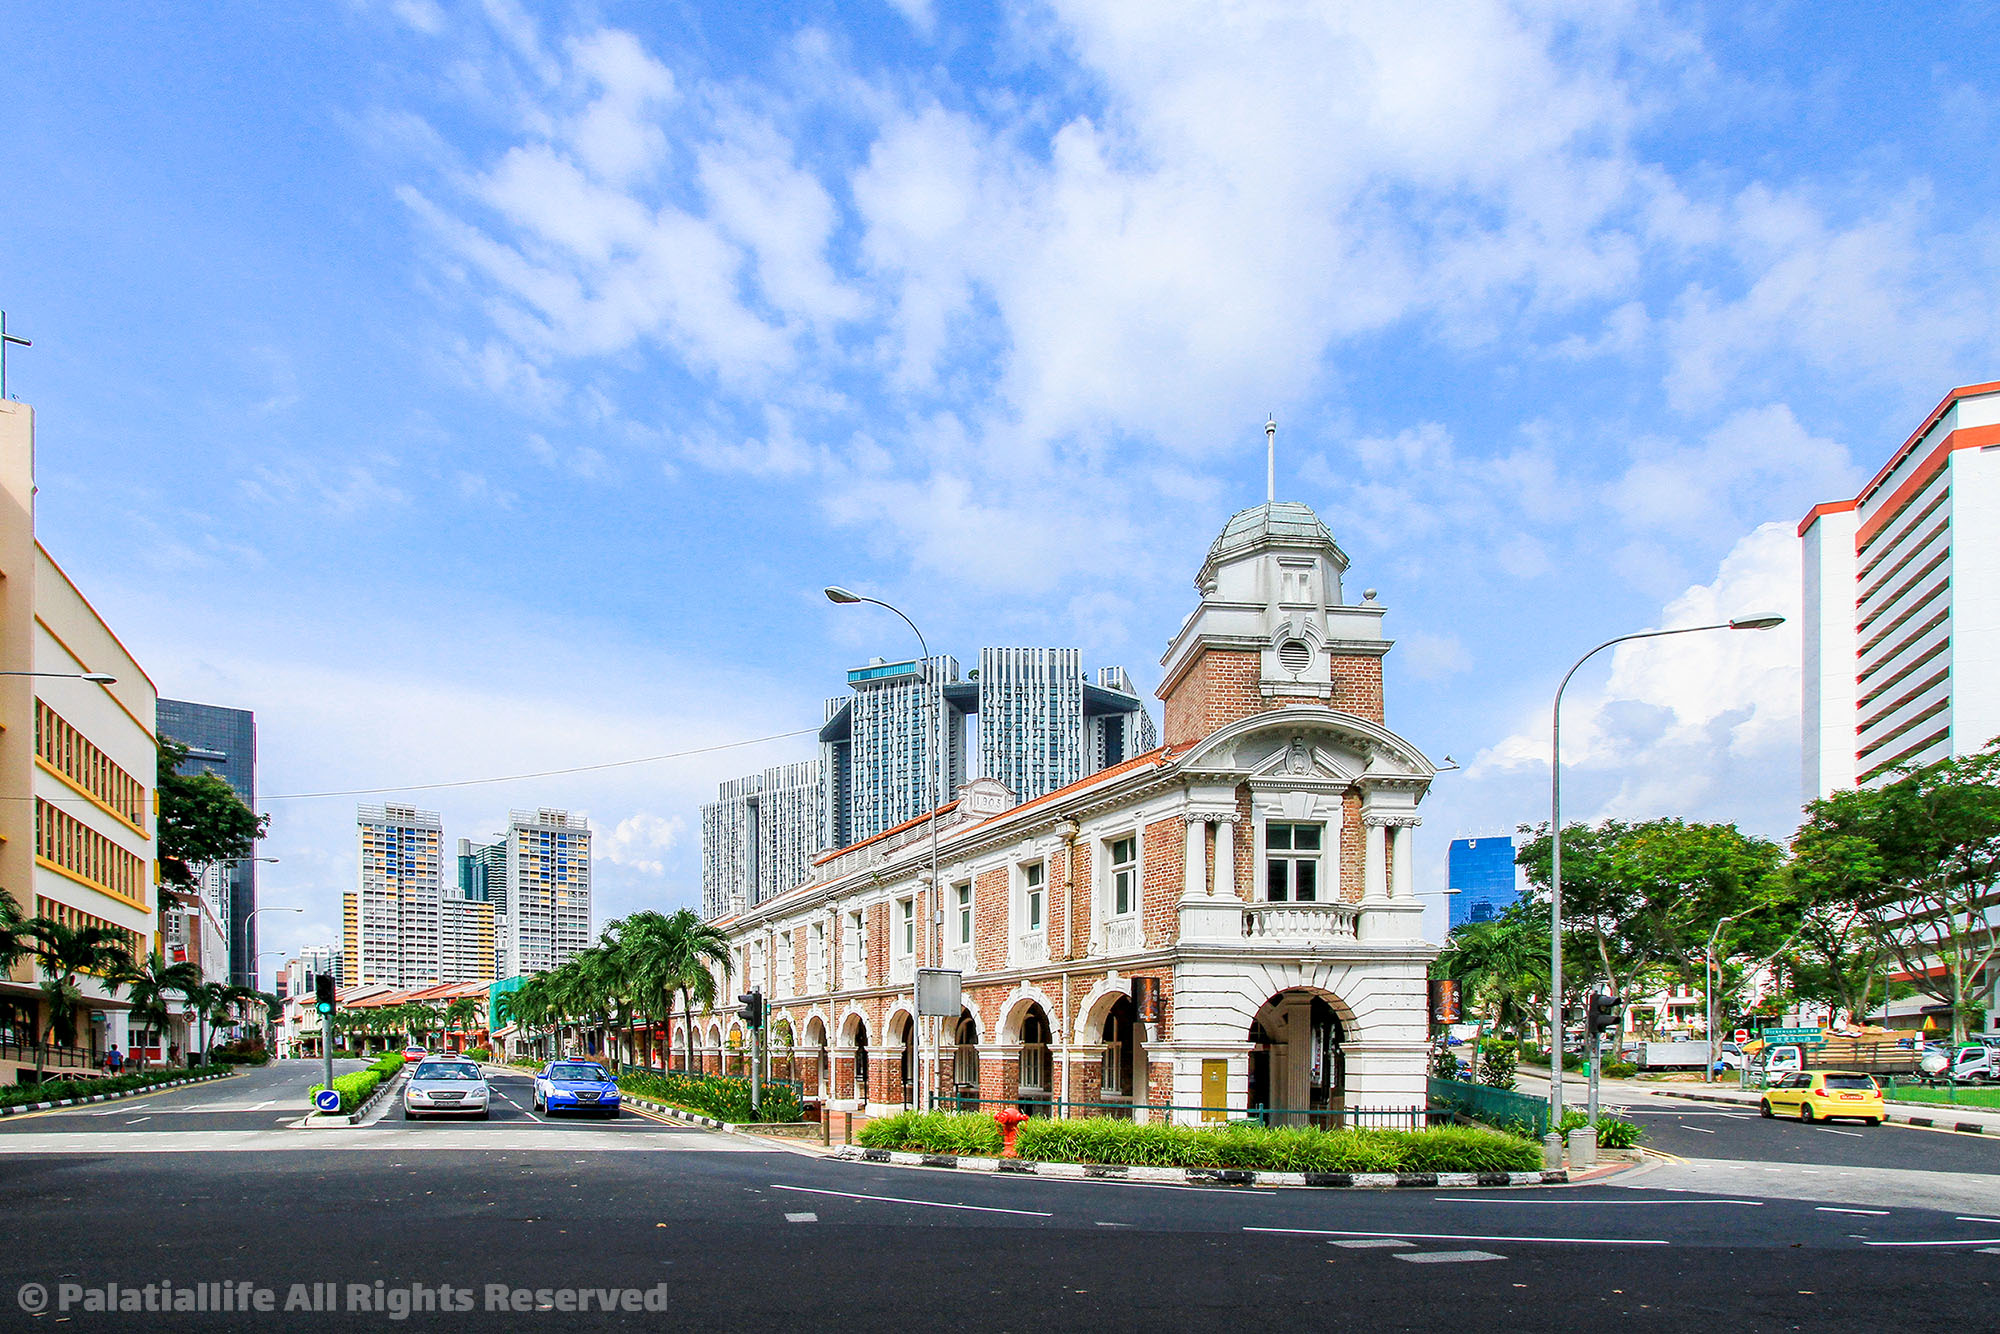 ย่านไชน่าทาวน์ Chinatown สิงคโปร์  สิงคโปร์ เที่ยวเตร็ดเตร่ไปตาม 5 ย่านยอดฮิตที่ไม่ควรพลาด IMG 9499